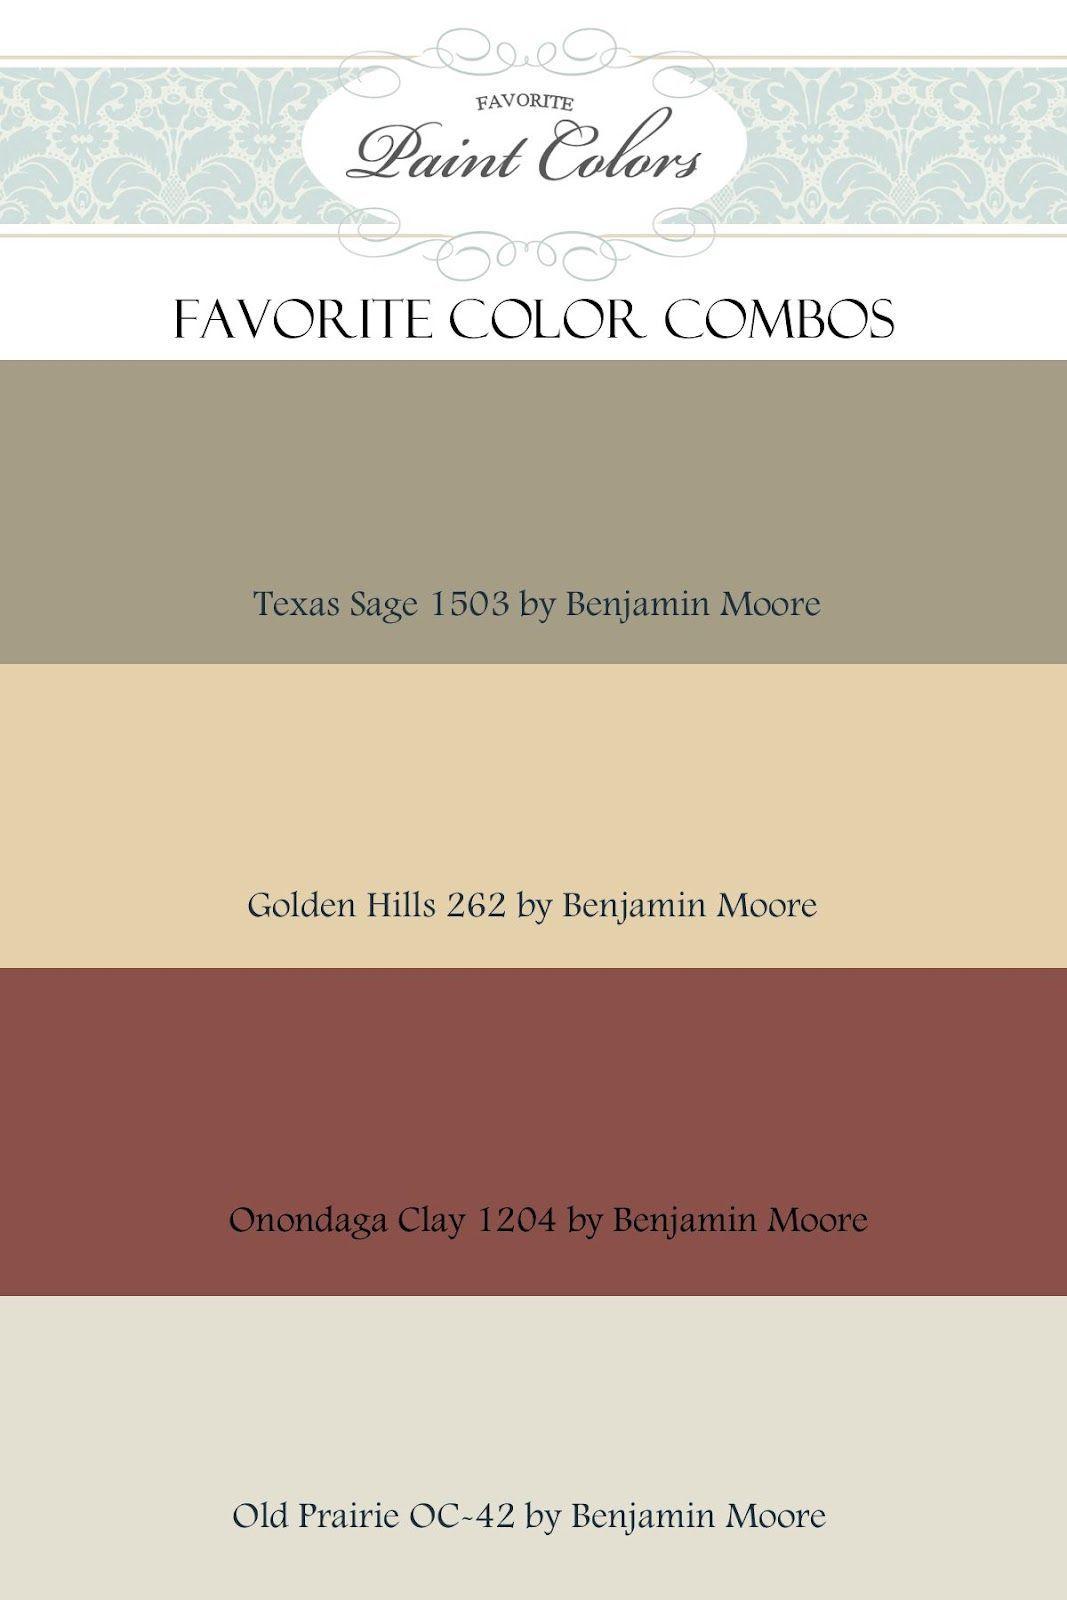 Innenfarbe im haus primitivekitchen  decorating  pinterest  farben wandfarbe und haus